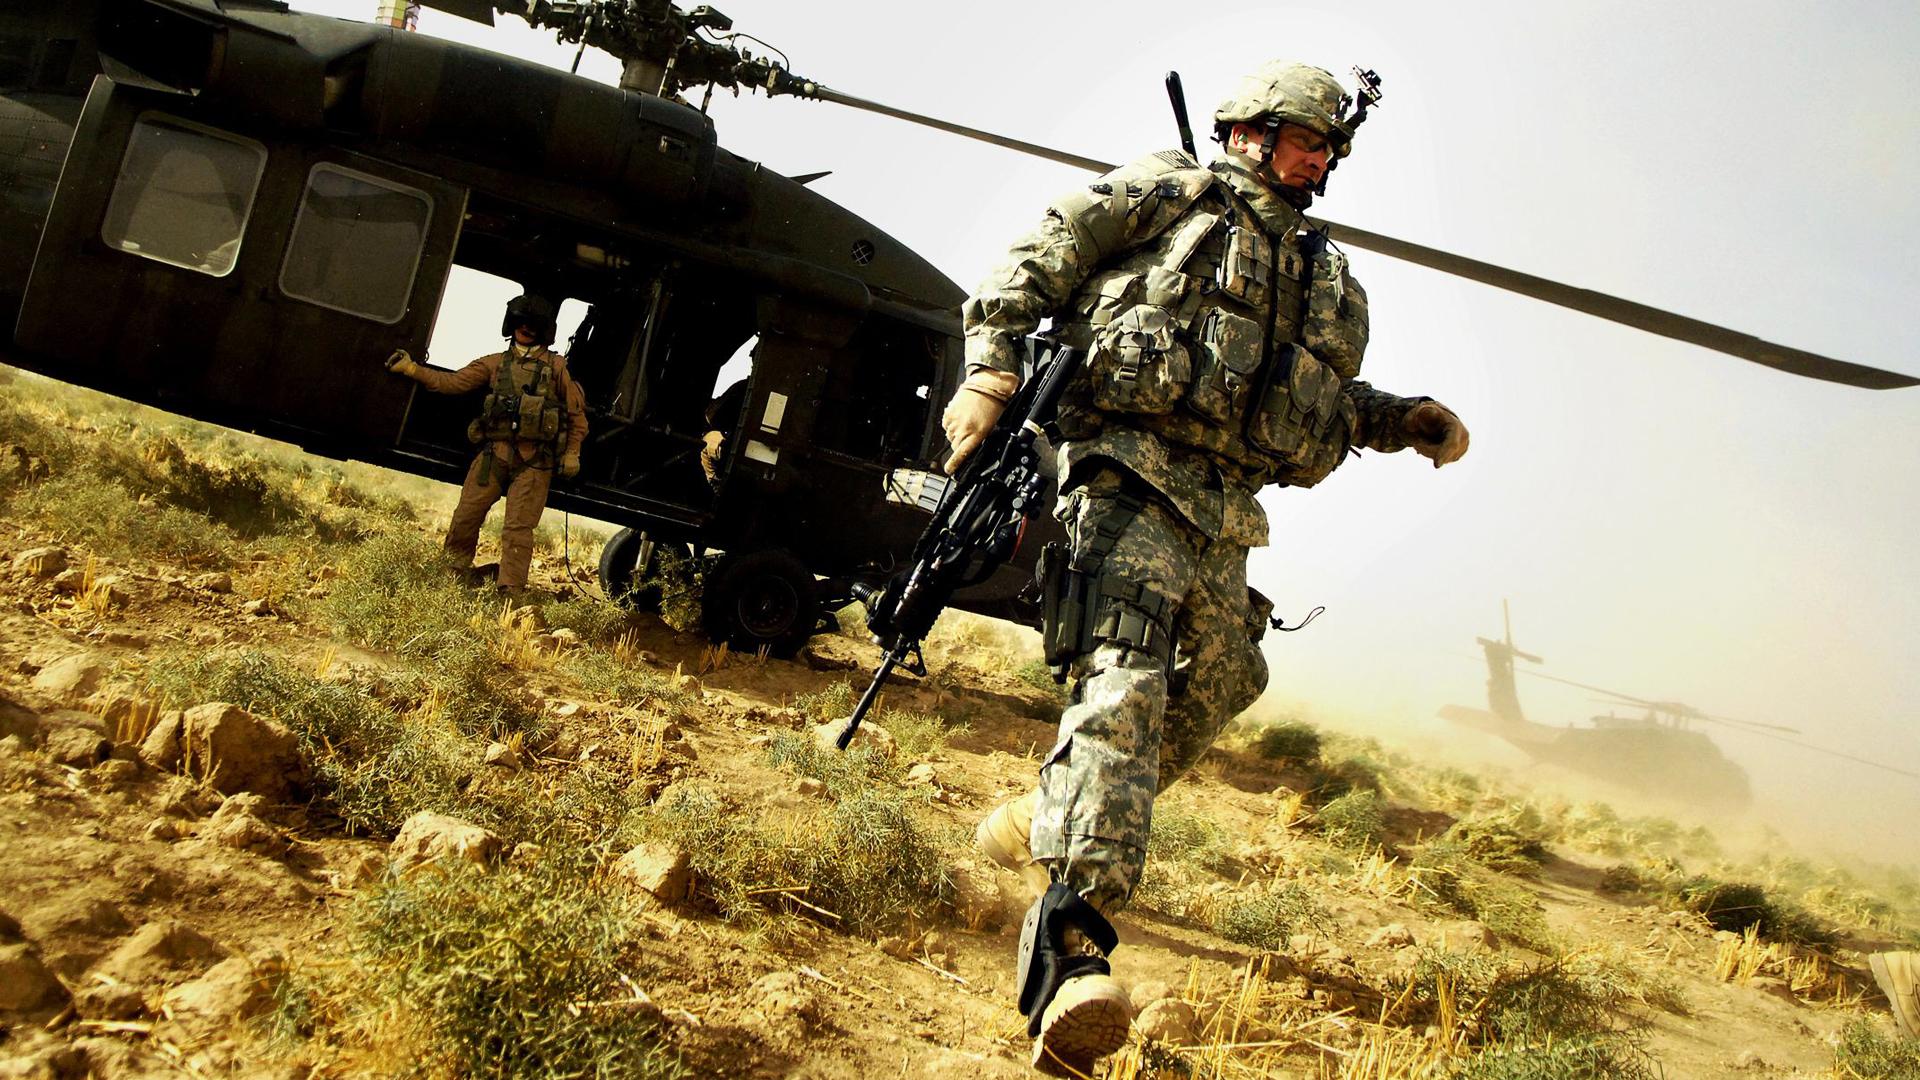 Десант, боевой вертолет, фото, скачать для рабочего стола